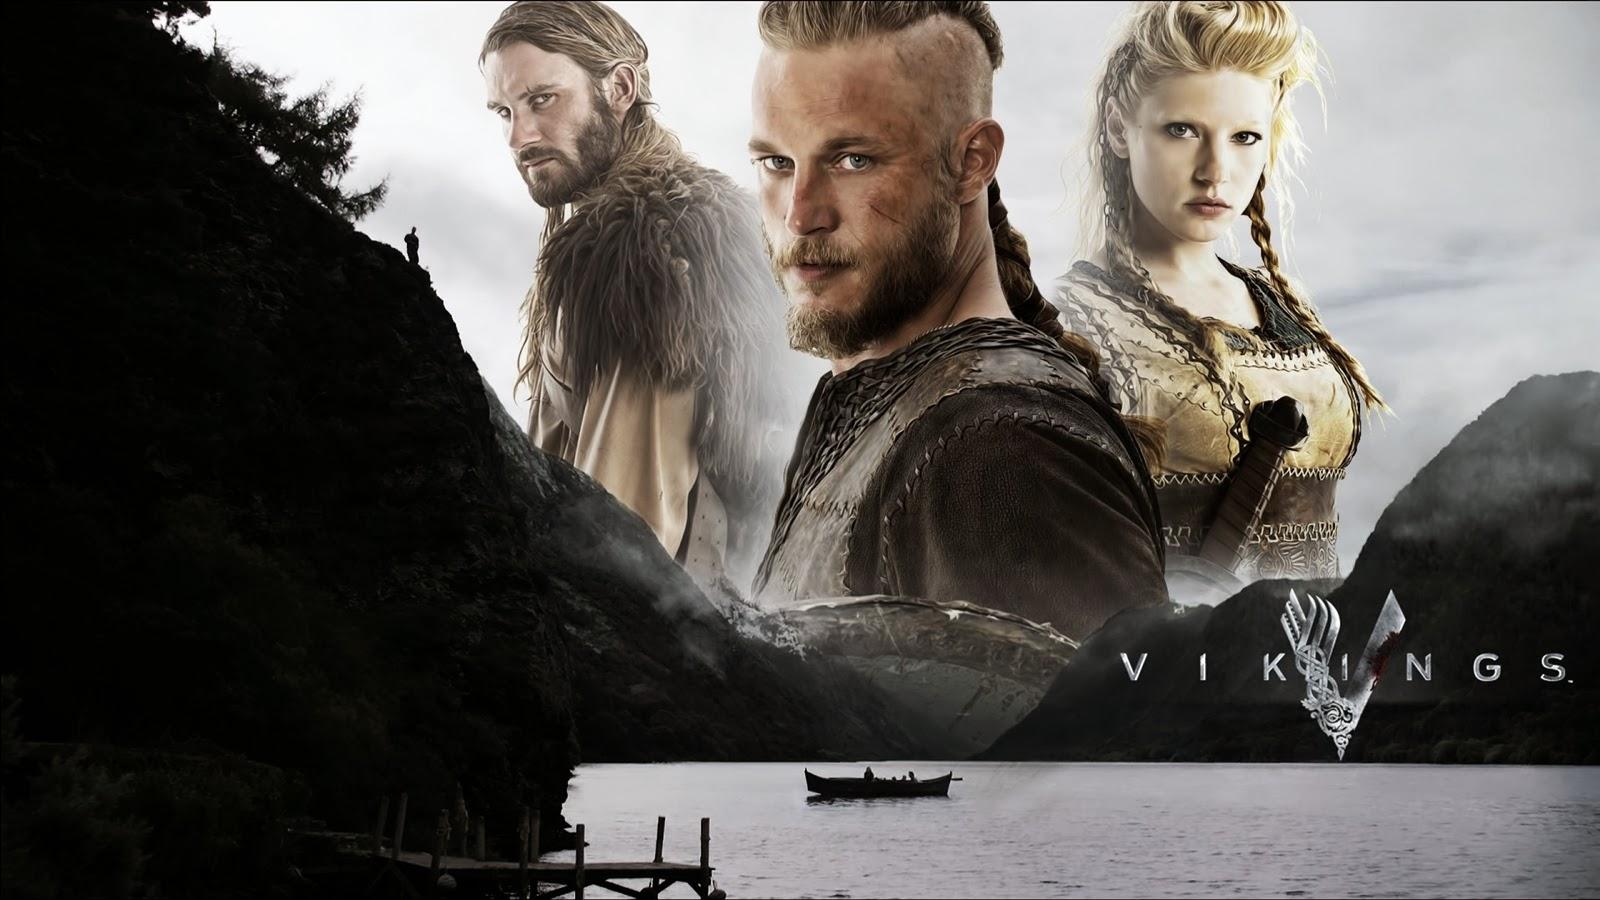 Vikings nos presenta su cuarta temporada en el primer tráiler